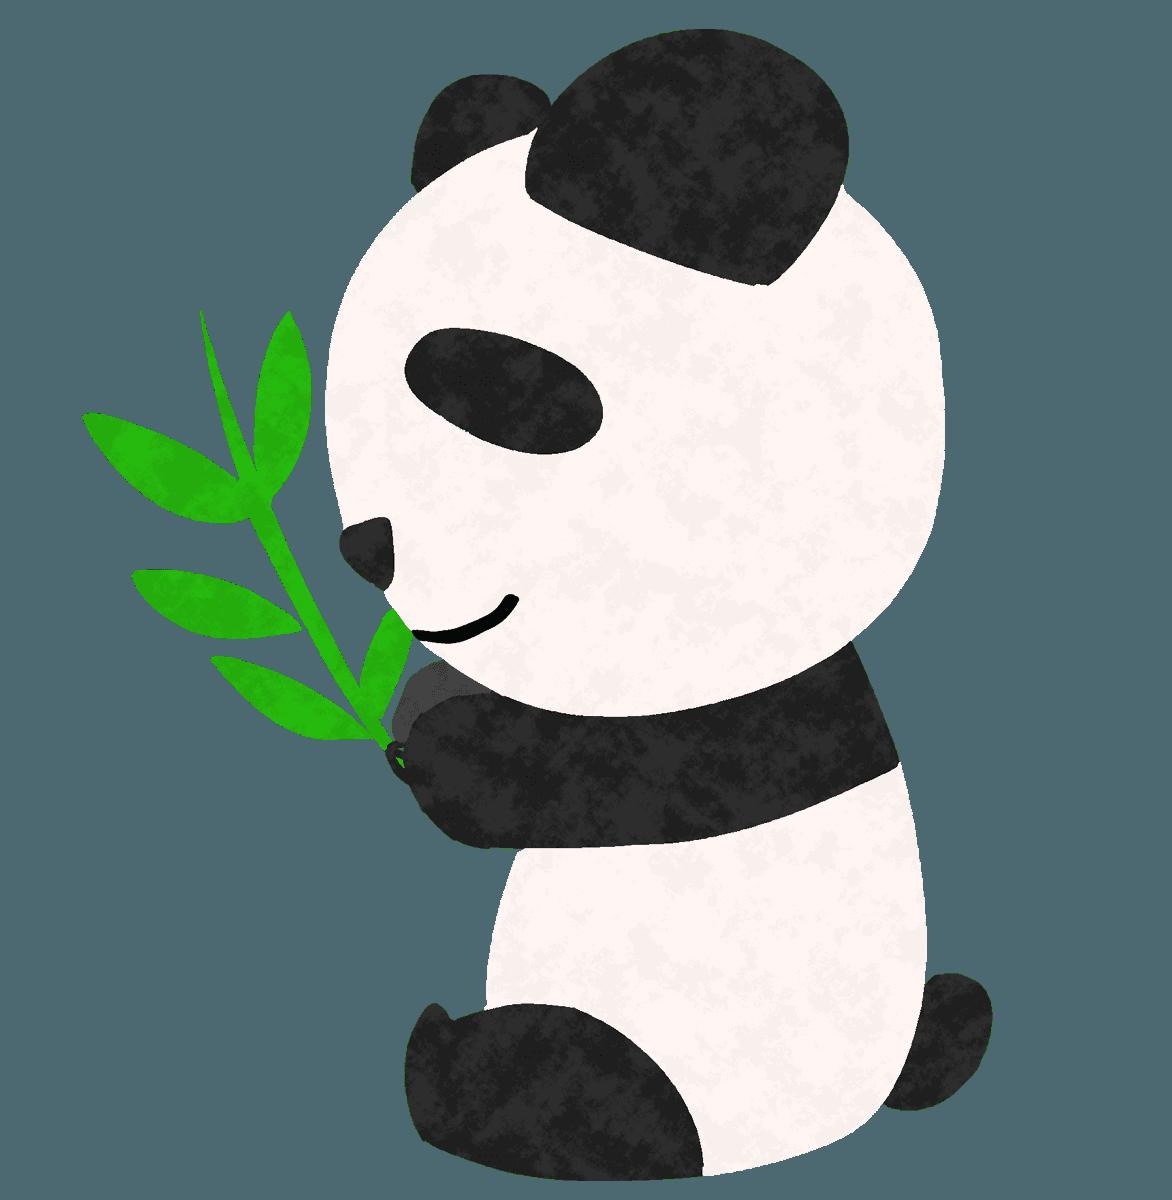 笹を食べるパンダイラスト